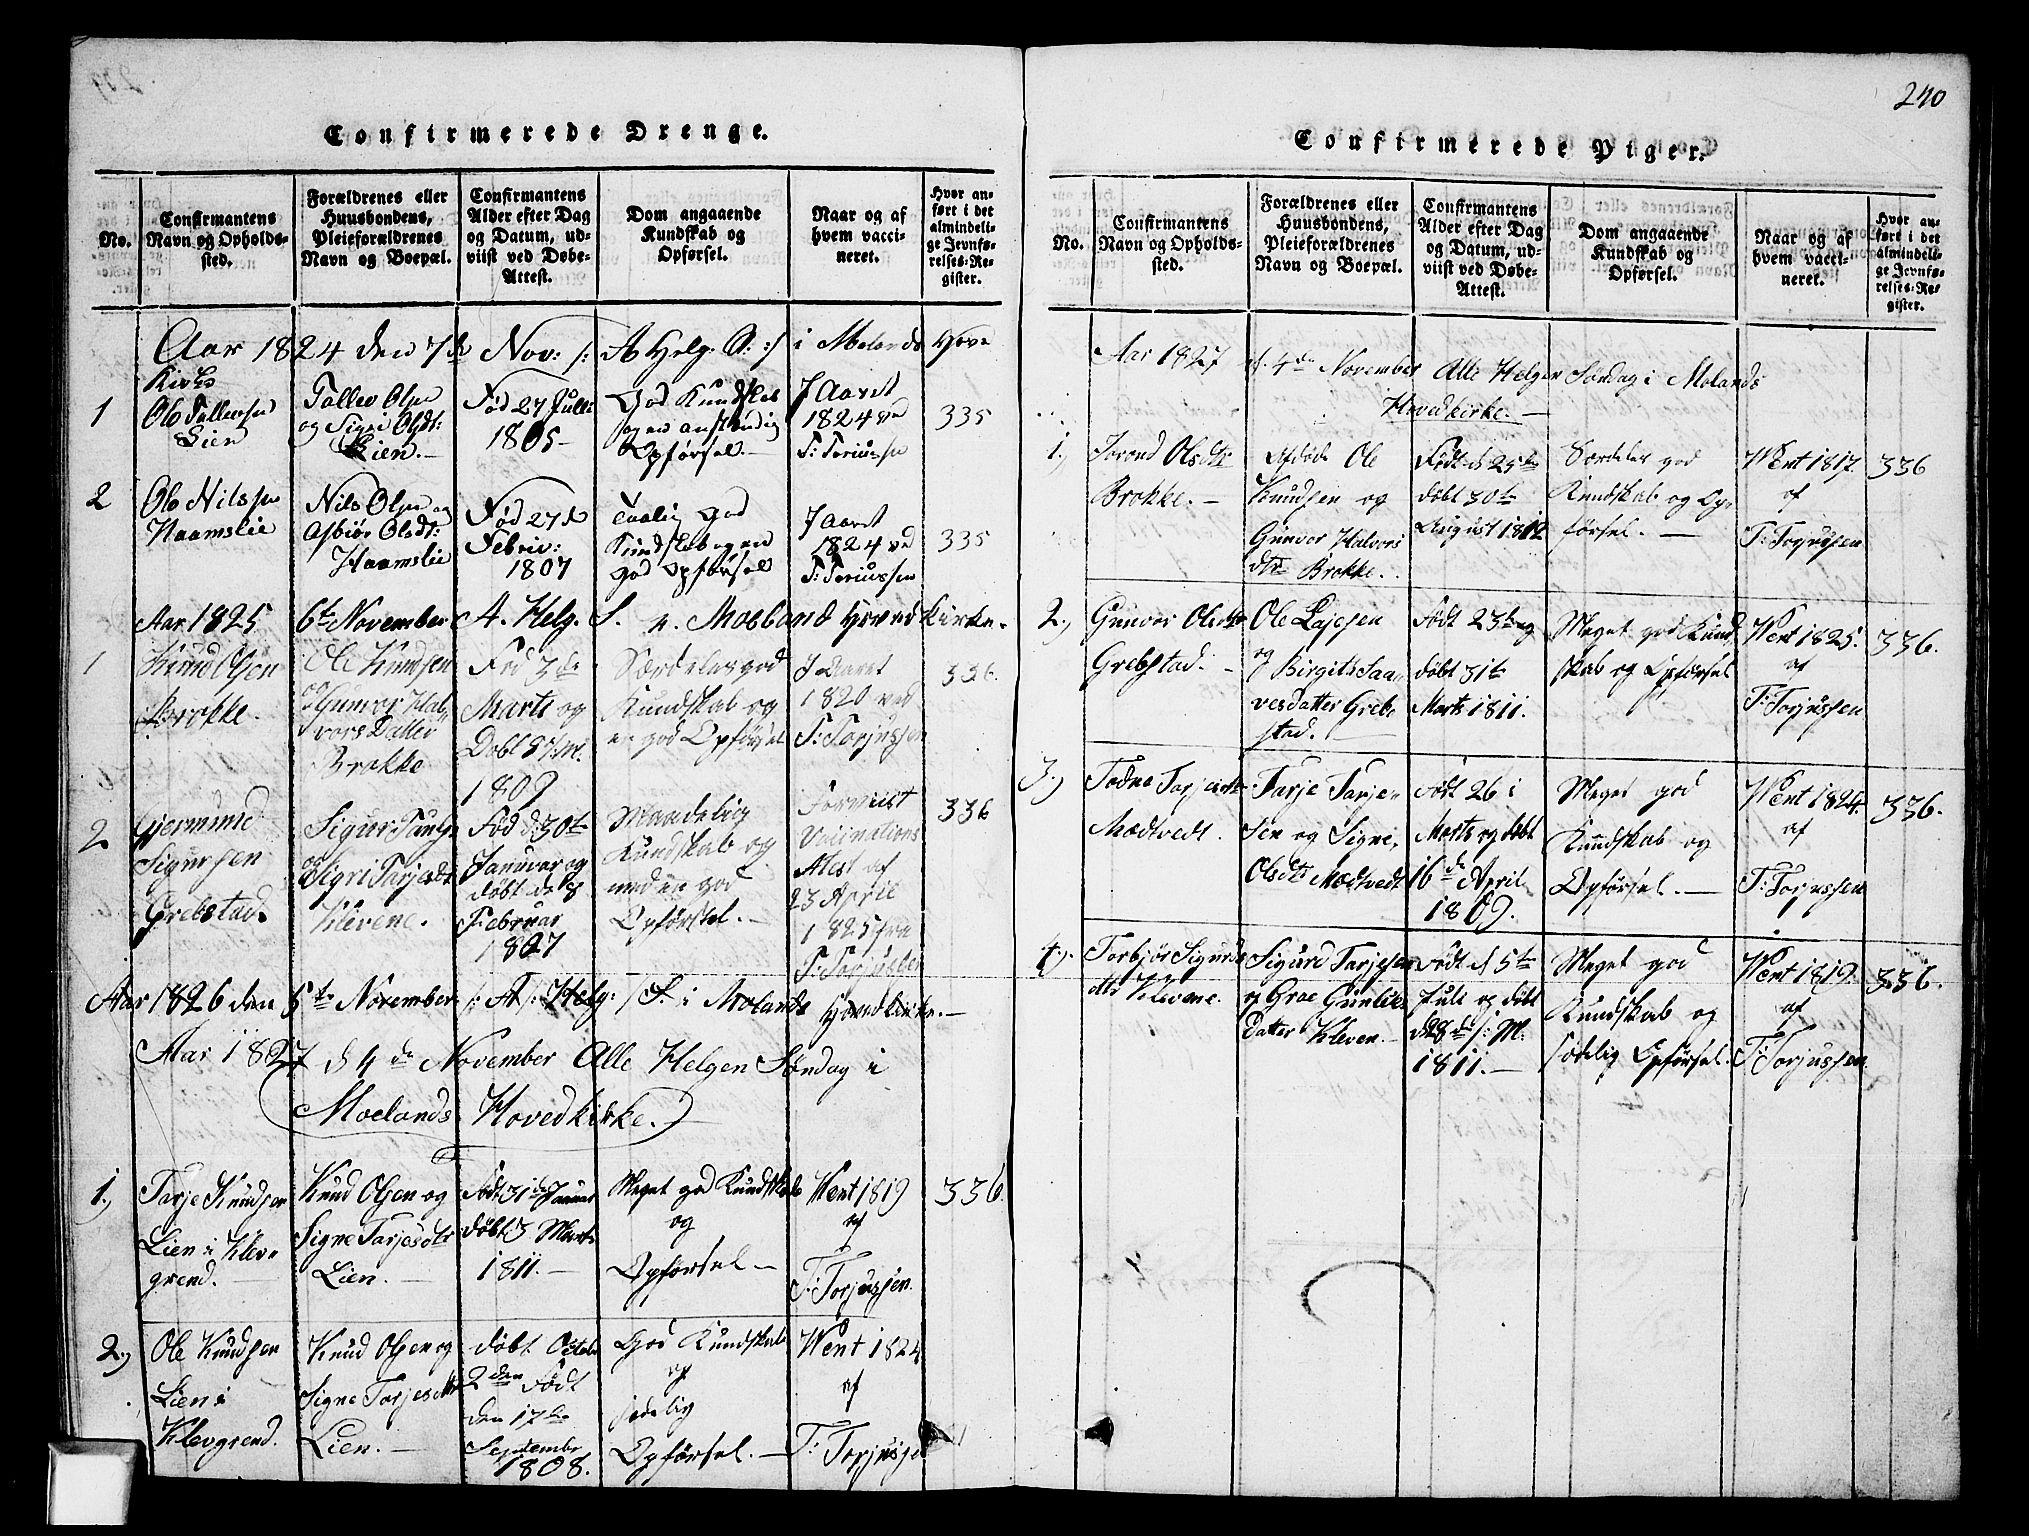 SAKO, Fyresdal kirkebøker, G/Ga/L0002: Klokkerbok nr. I 2, 1815-1857, s. 240